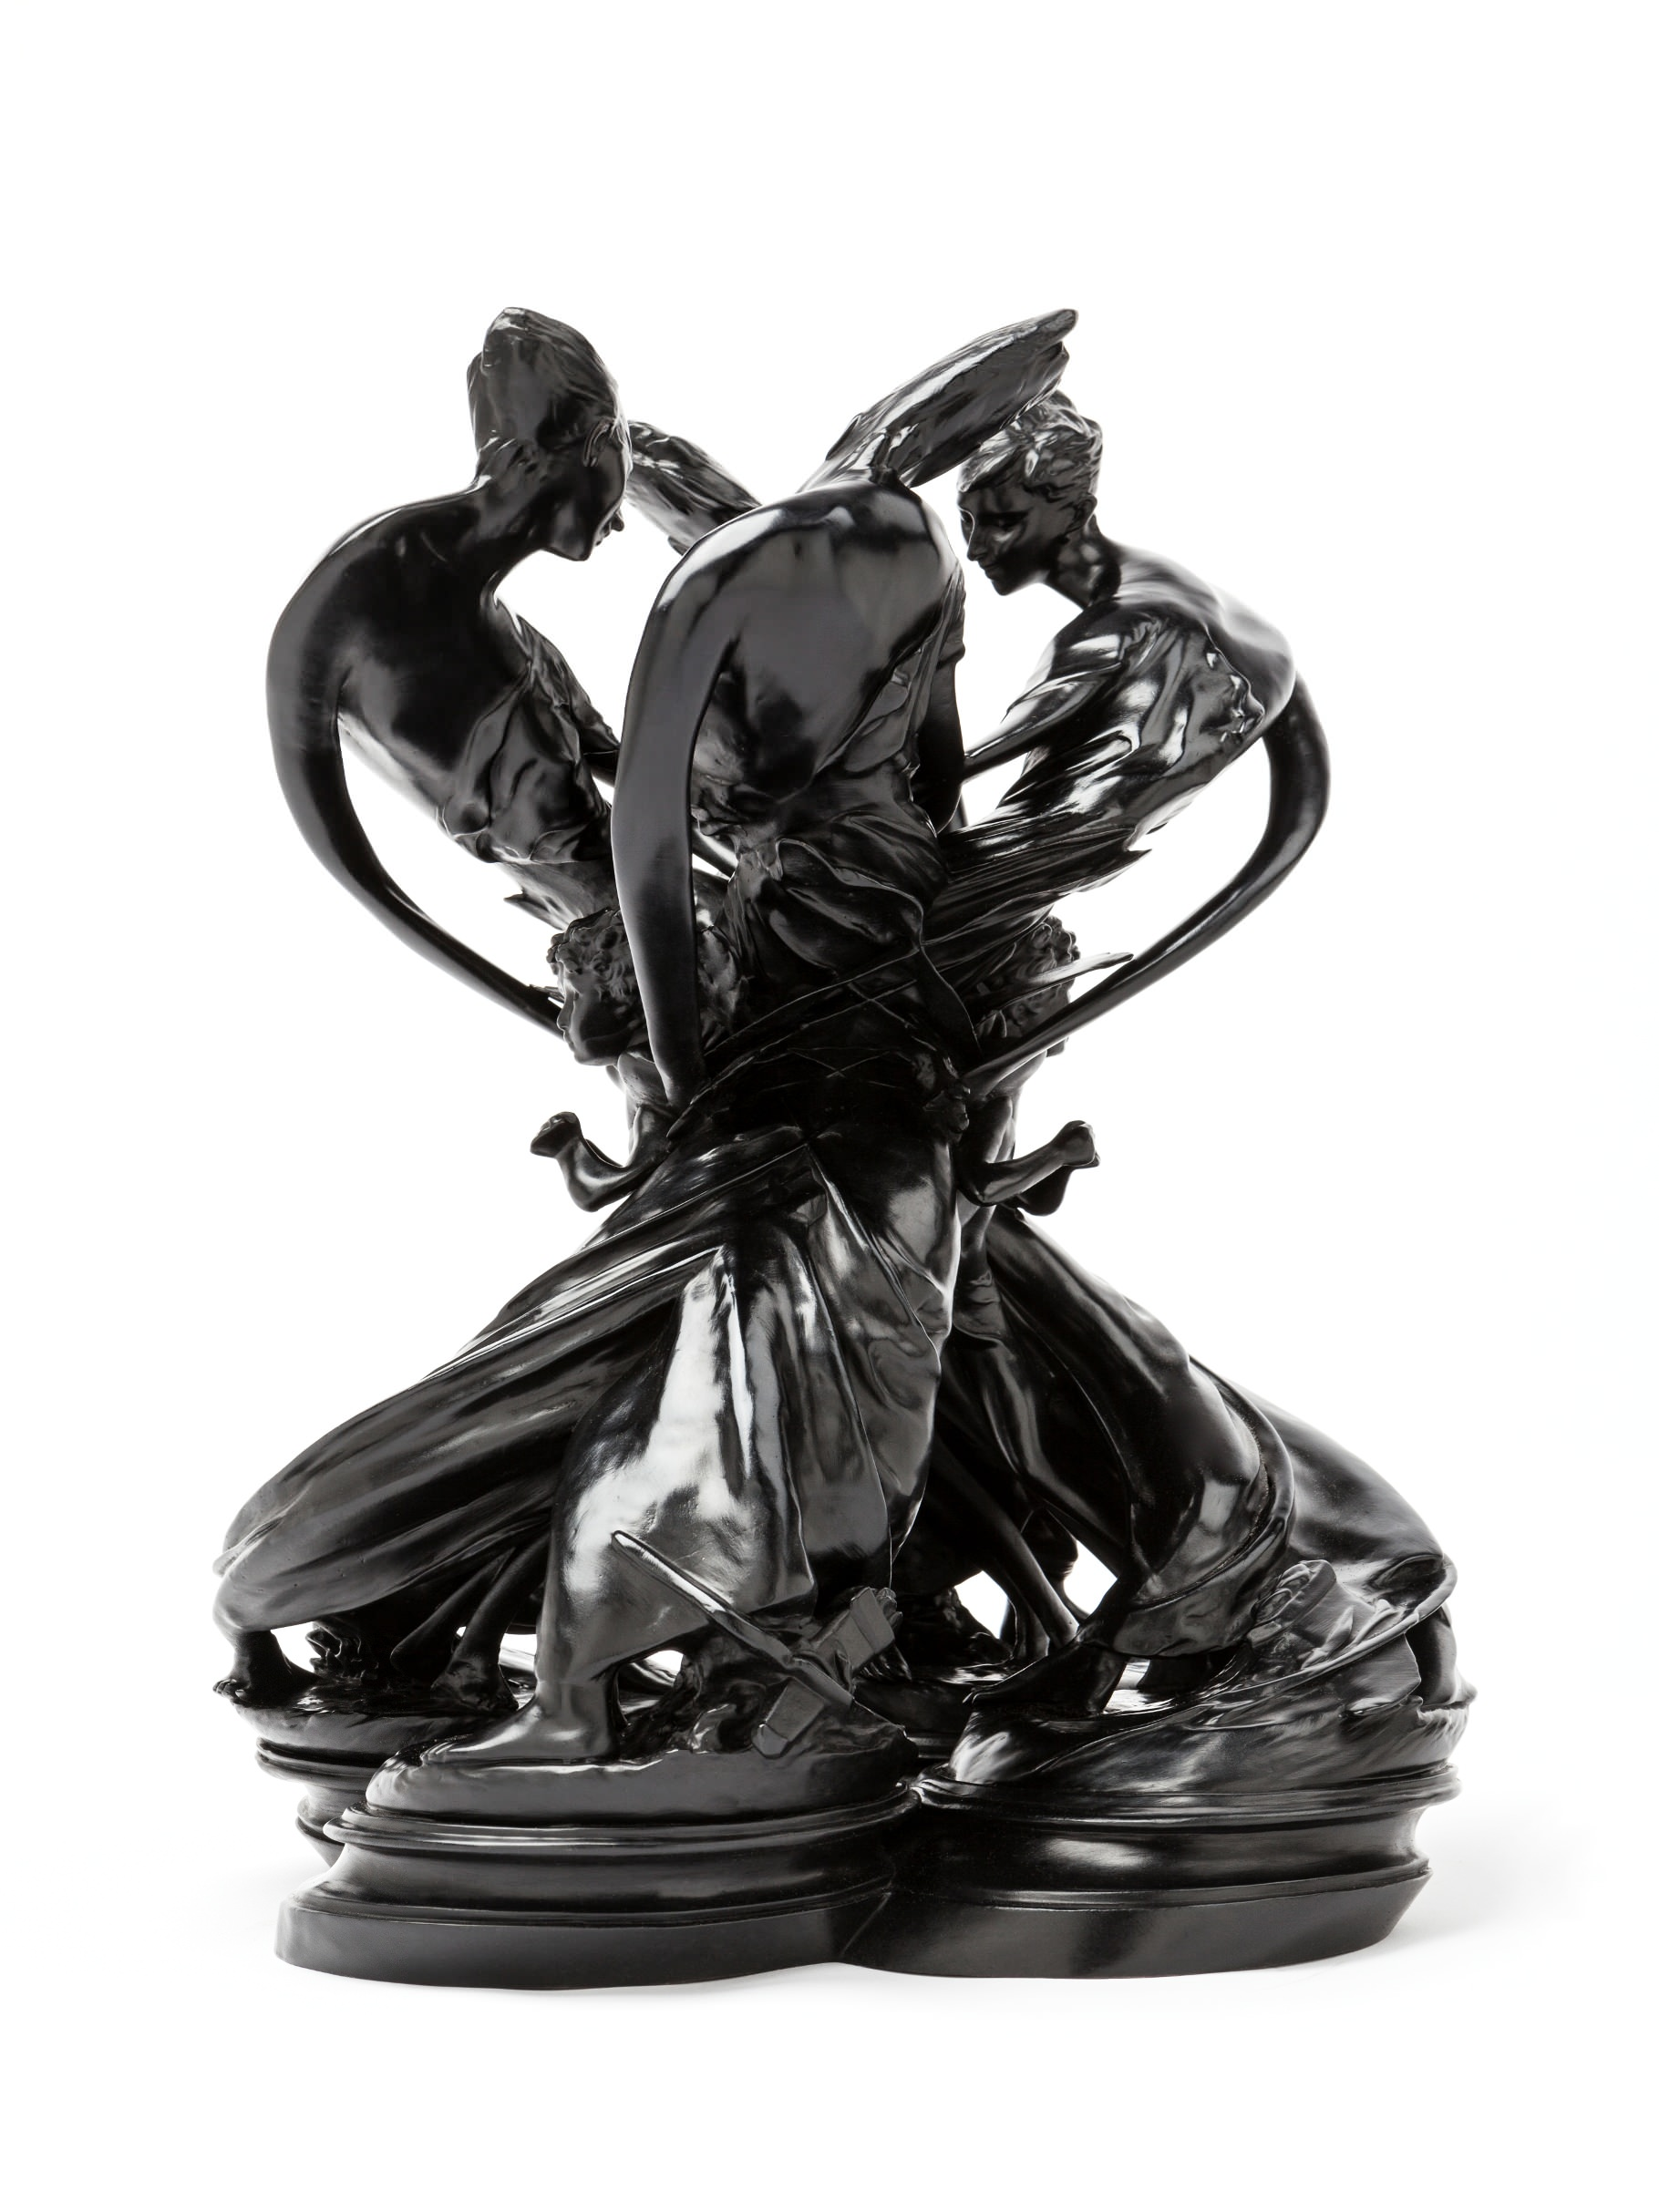 Wim Delvoye, L'Amour D+®sarm+® Rorschach, 2016, 58 x 58 x 74cm, patinated bronze